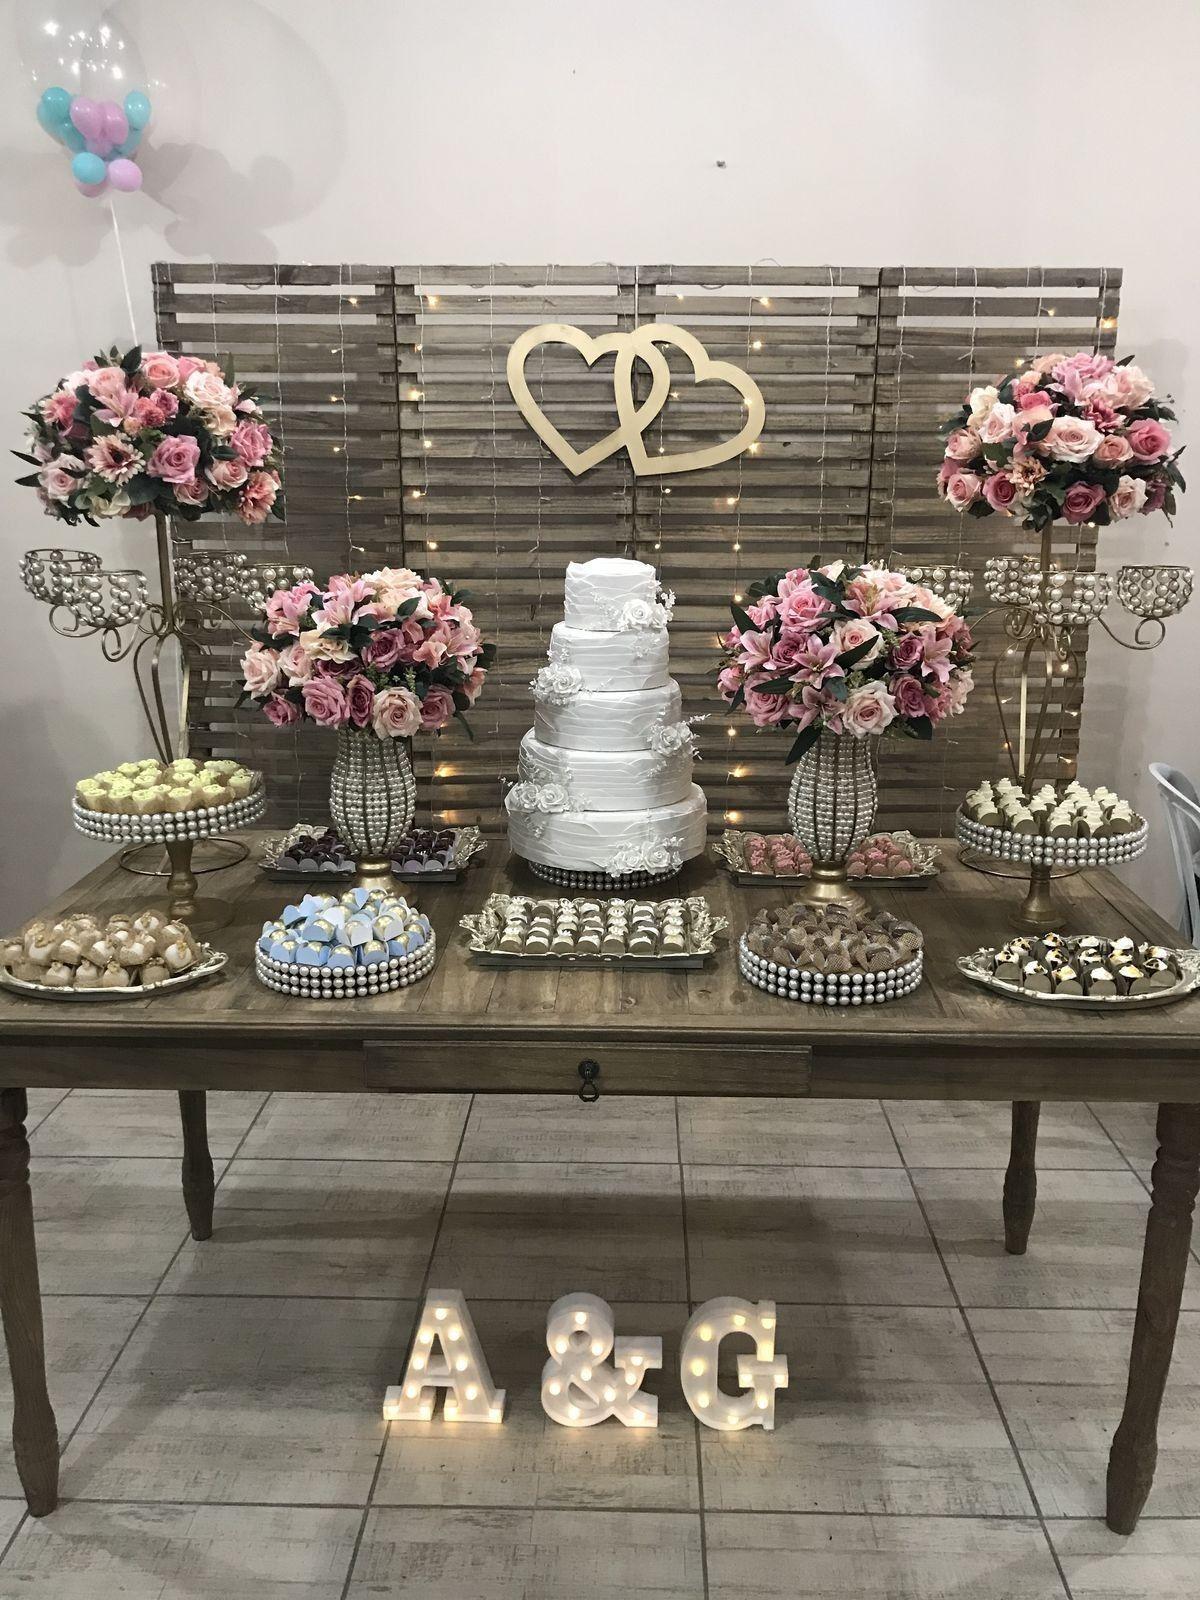 Pin de Porteventos Cerimonial em Nossos noivos | Noivado